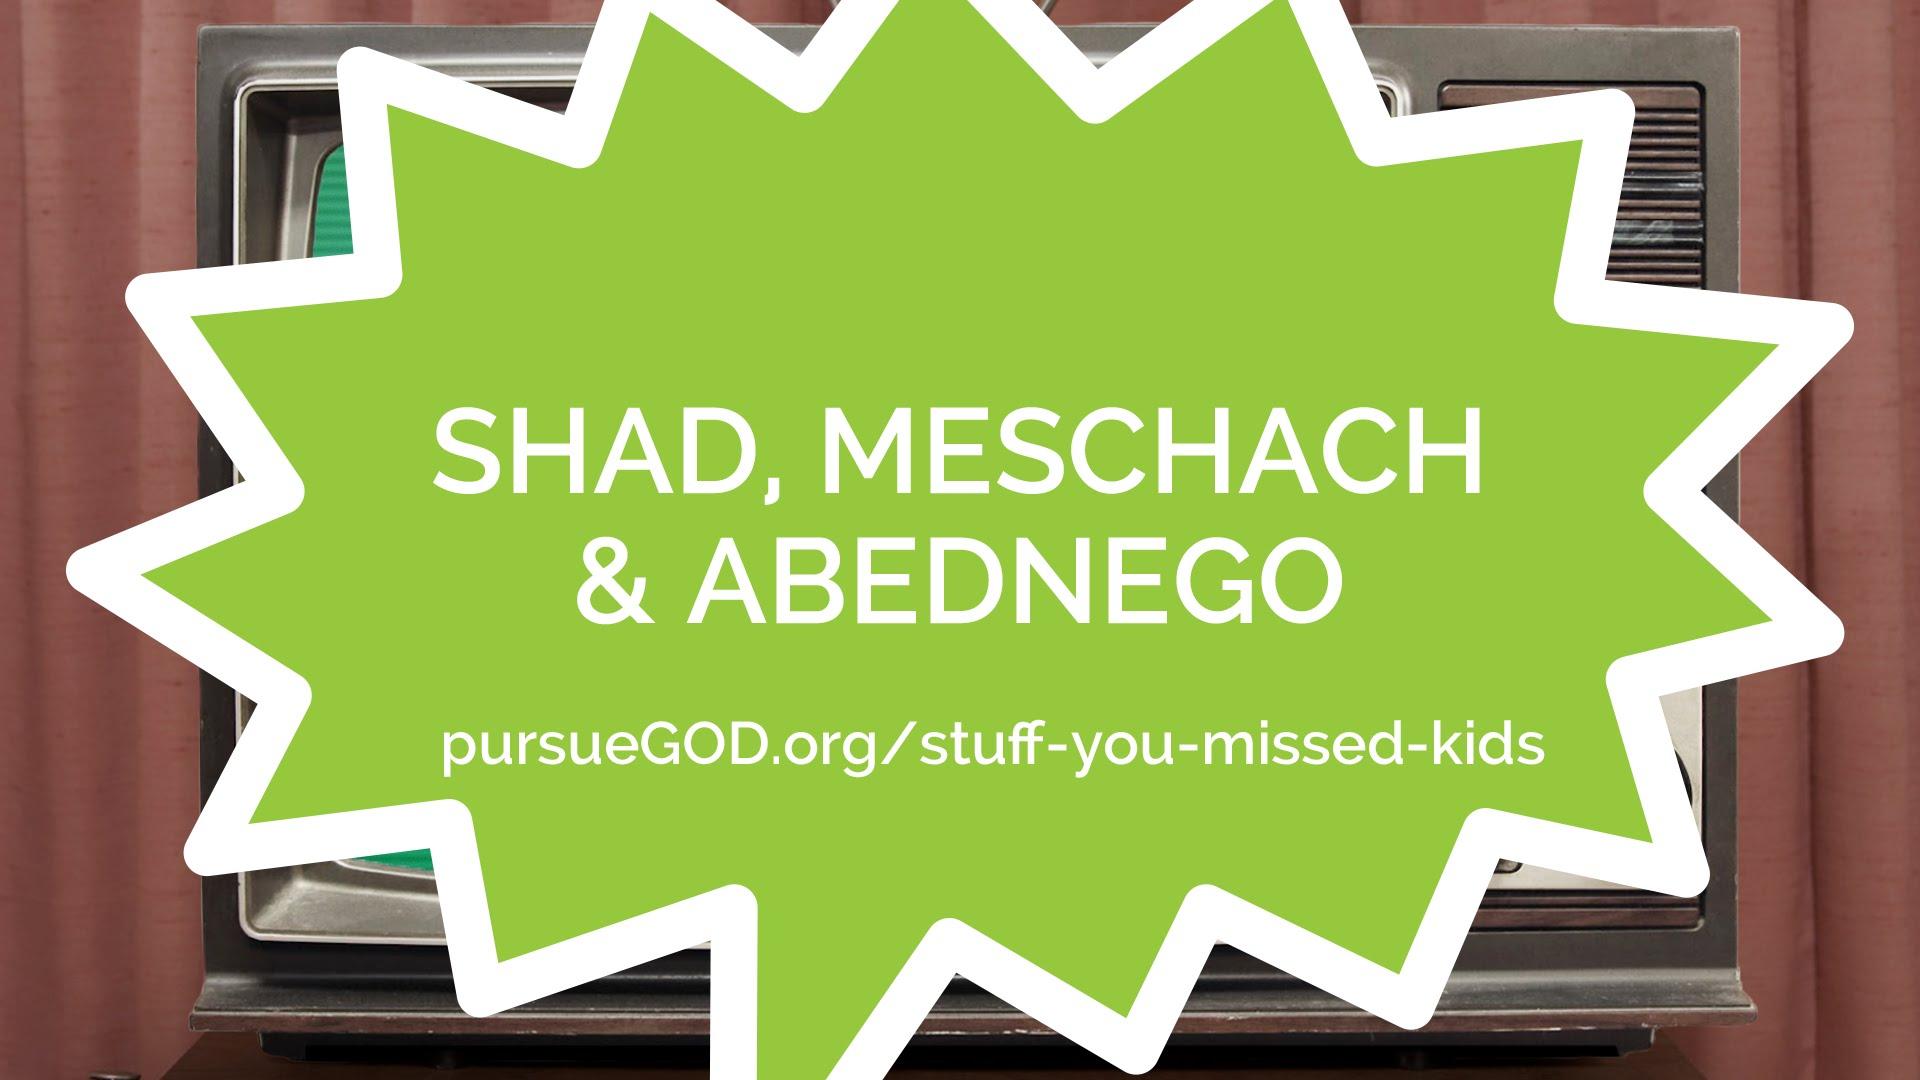 shadrach meshach u0026 abednego kids pursuegod org